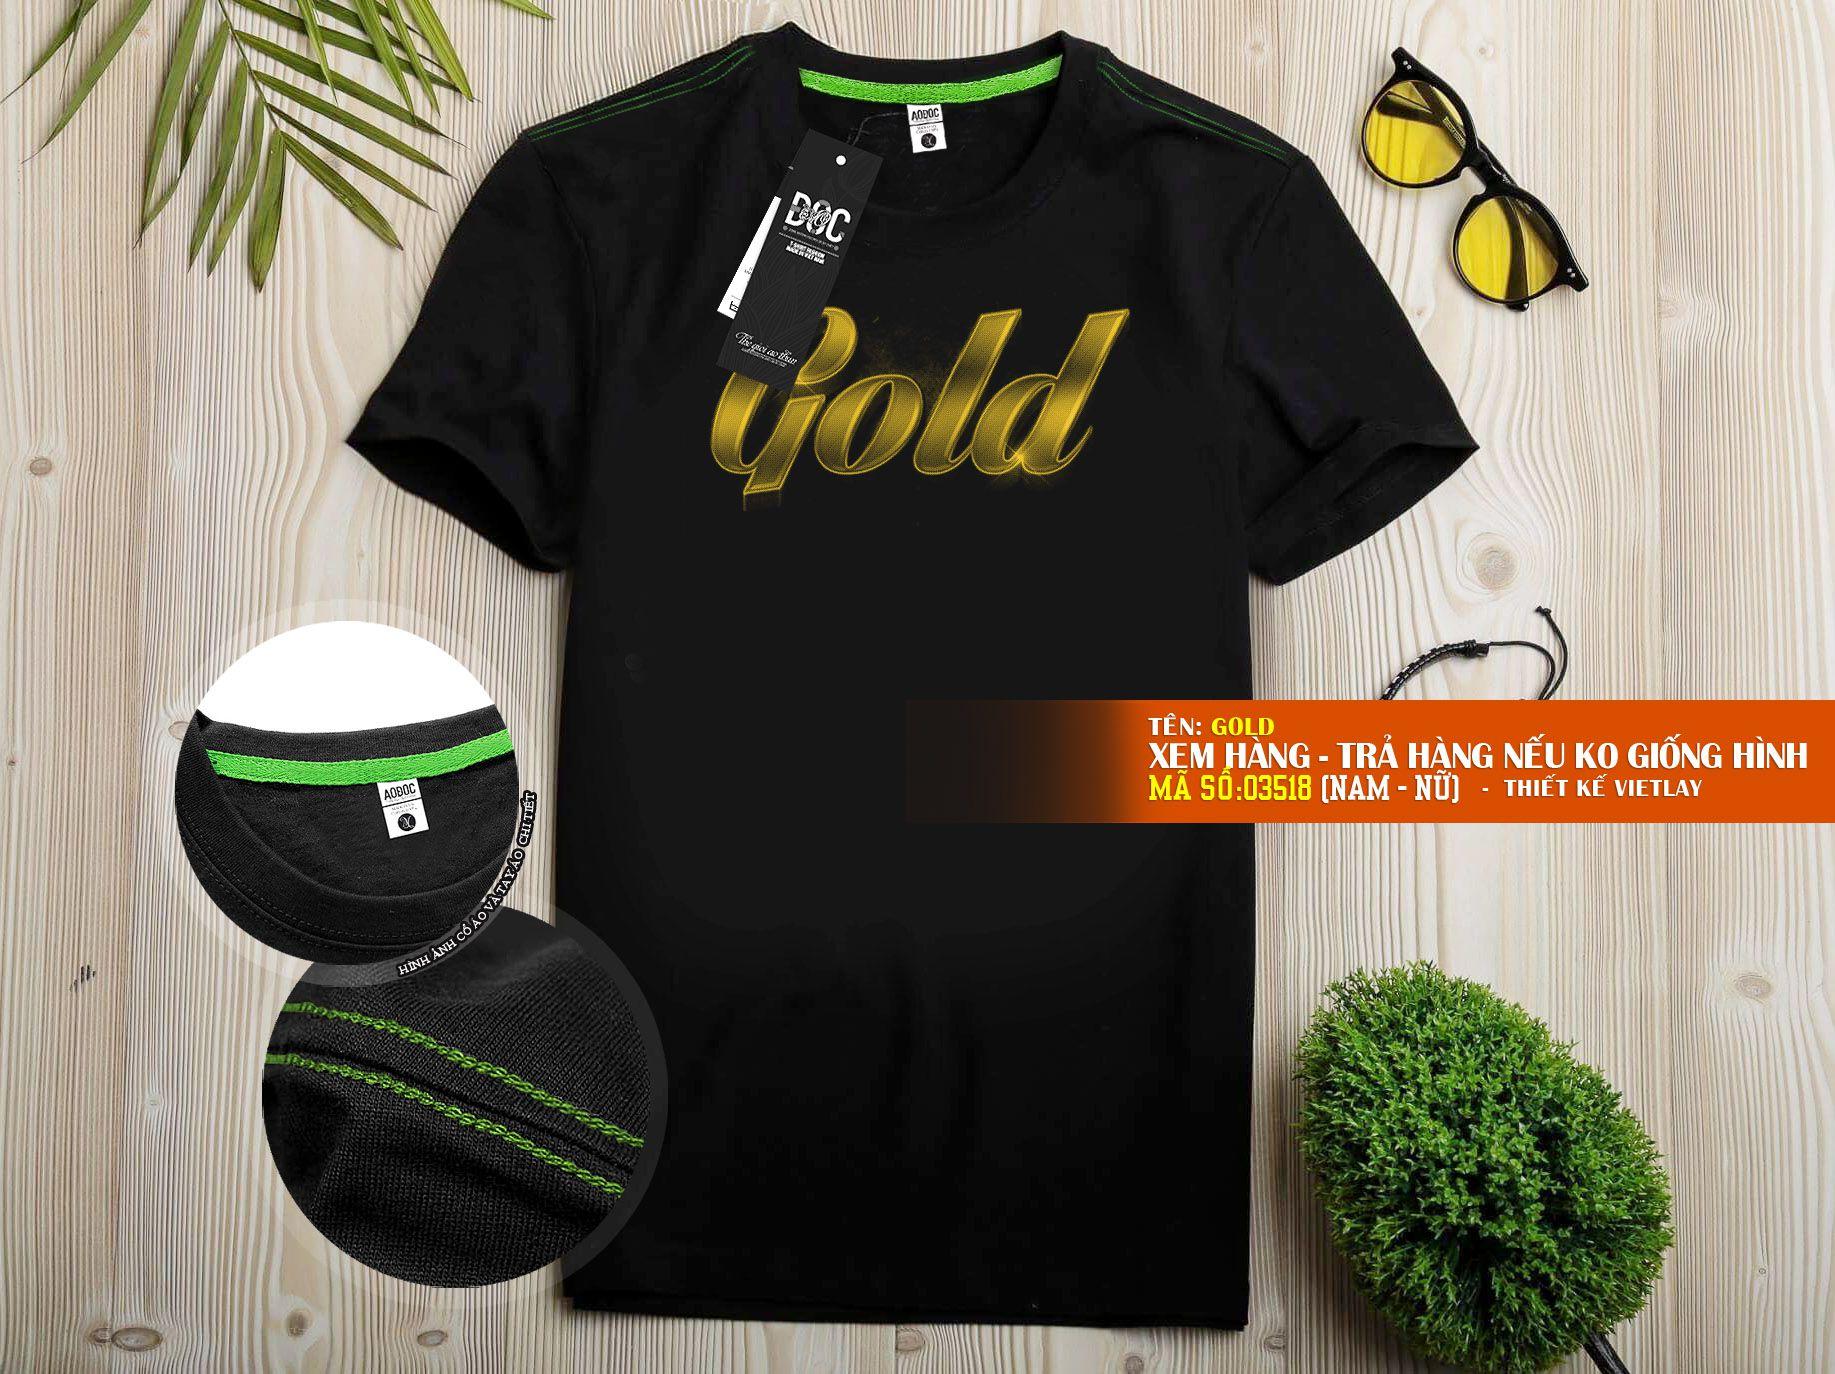 03518 Chữ Gold